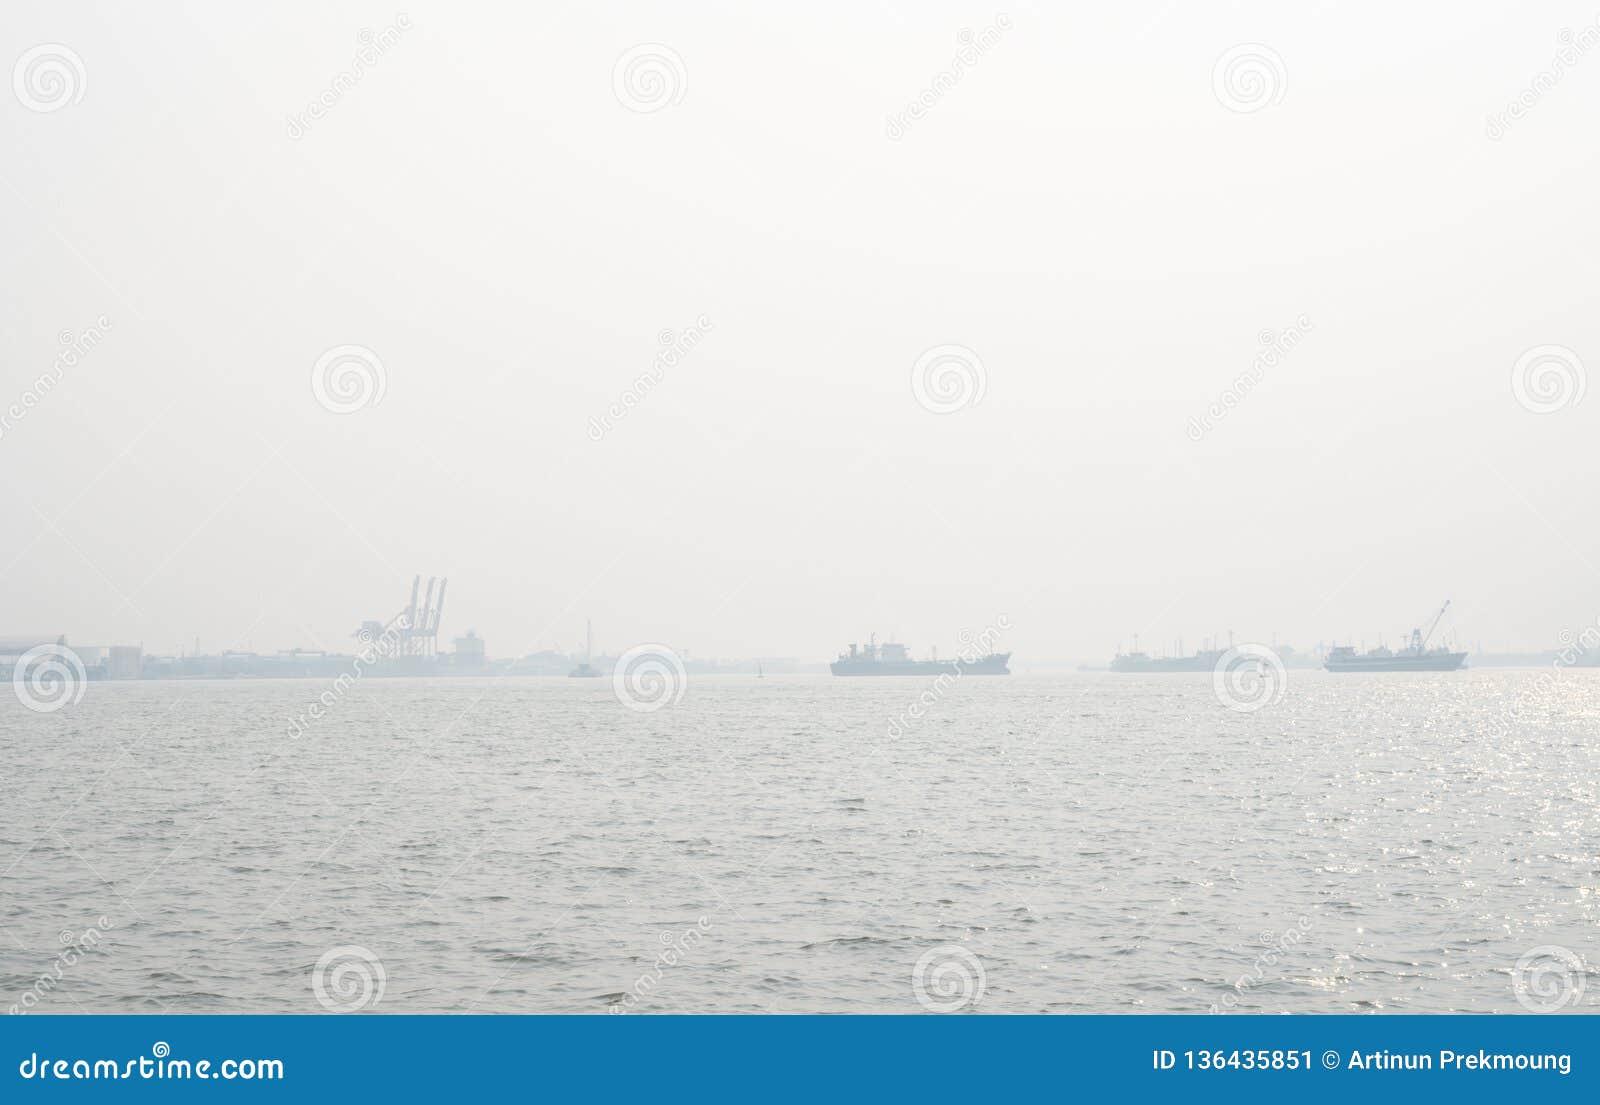 在码头的空气污染 坏空气质量充满呼吸道疾病的尘土原因 全球性变暖从空气污染